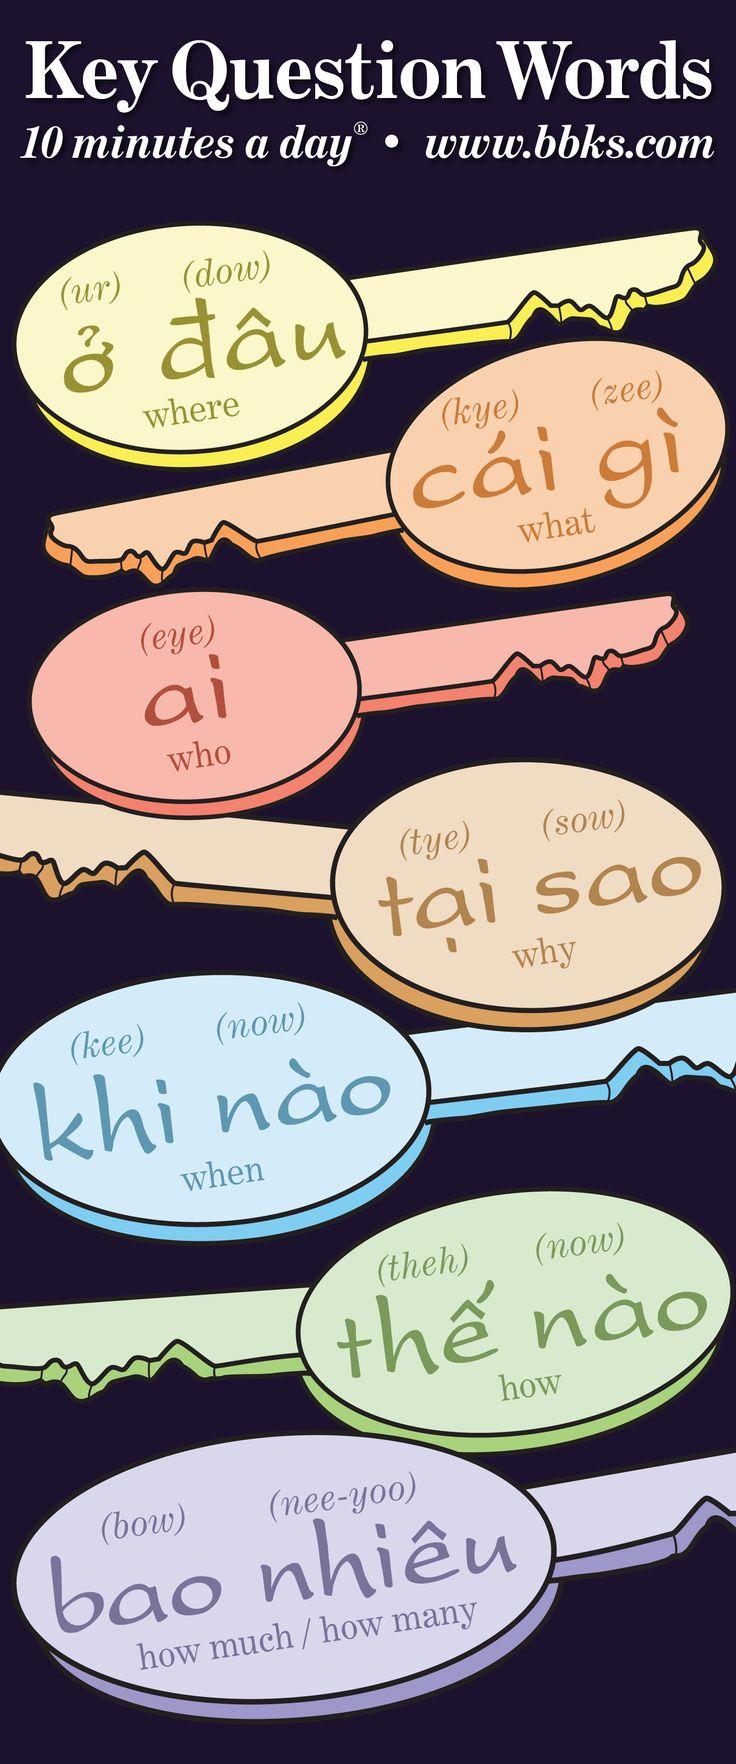 Learn Key Question Words in Vietnamese!